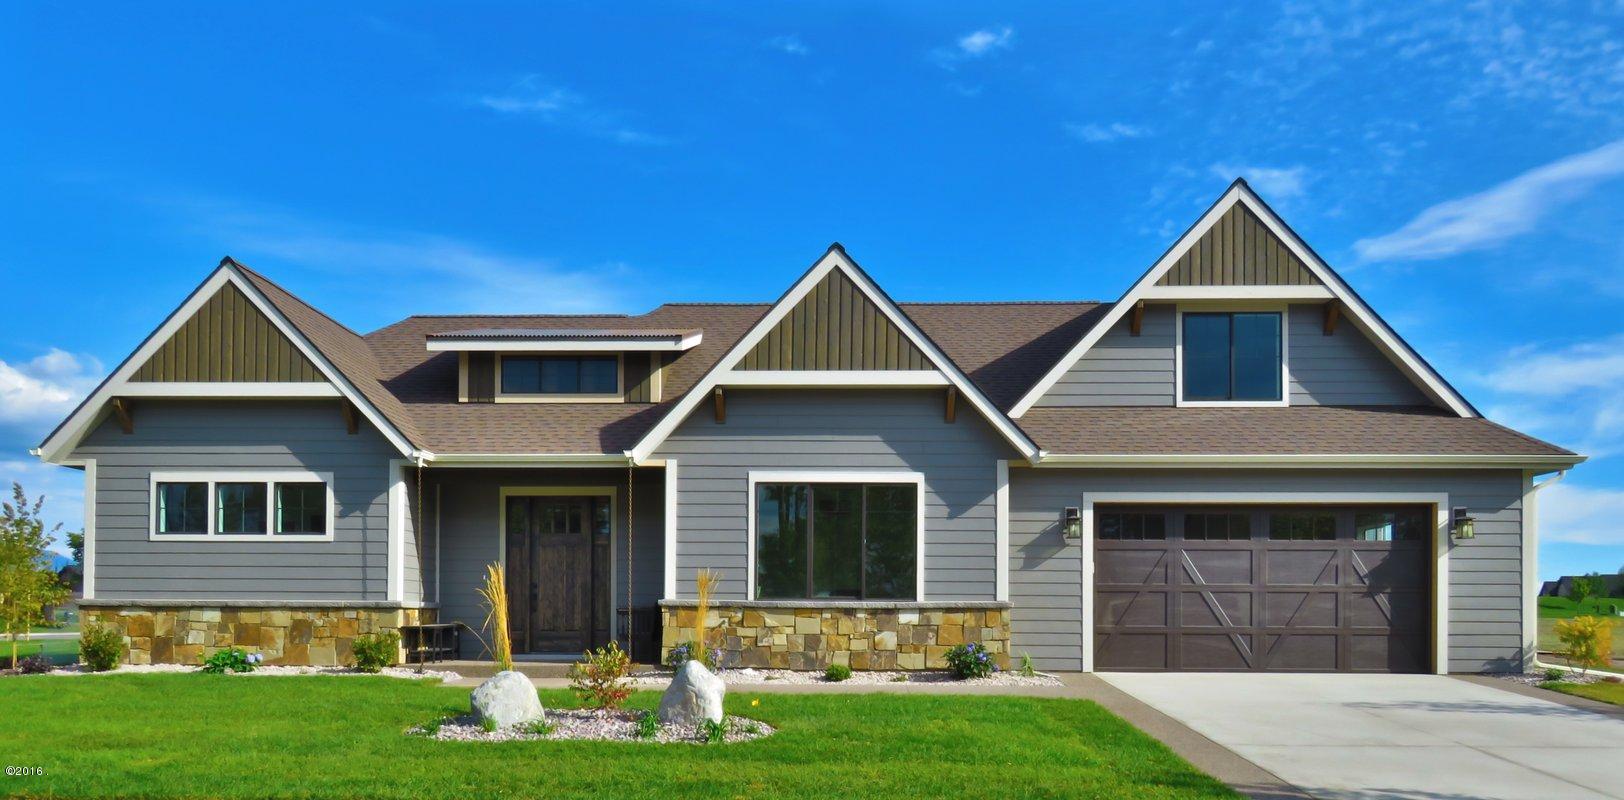 Single Family Home for Sale at 115 Antler Peak Lane 115 Antler Peak Lane Kalispell, Montana 59901 United States